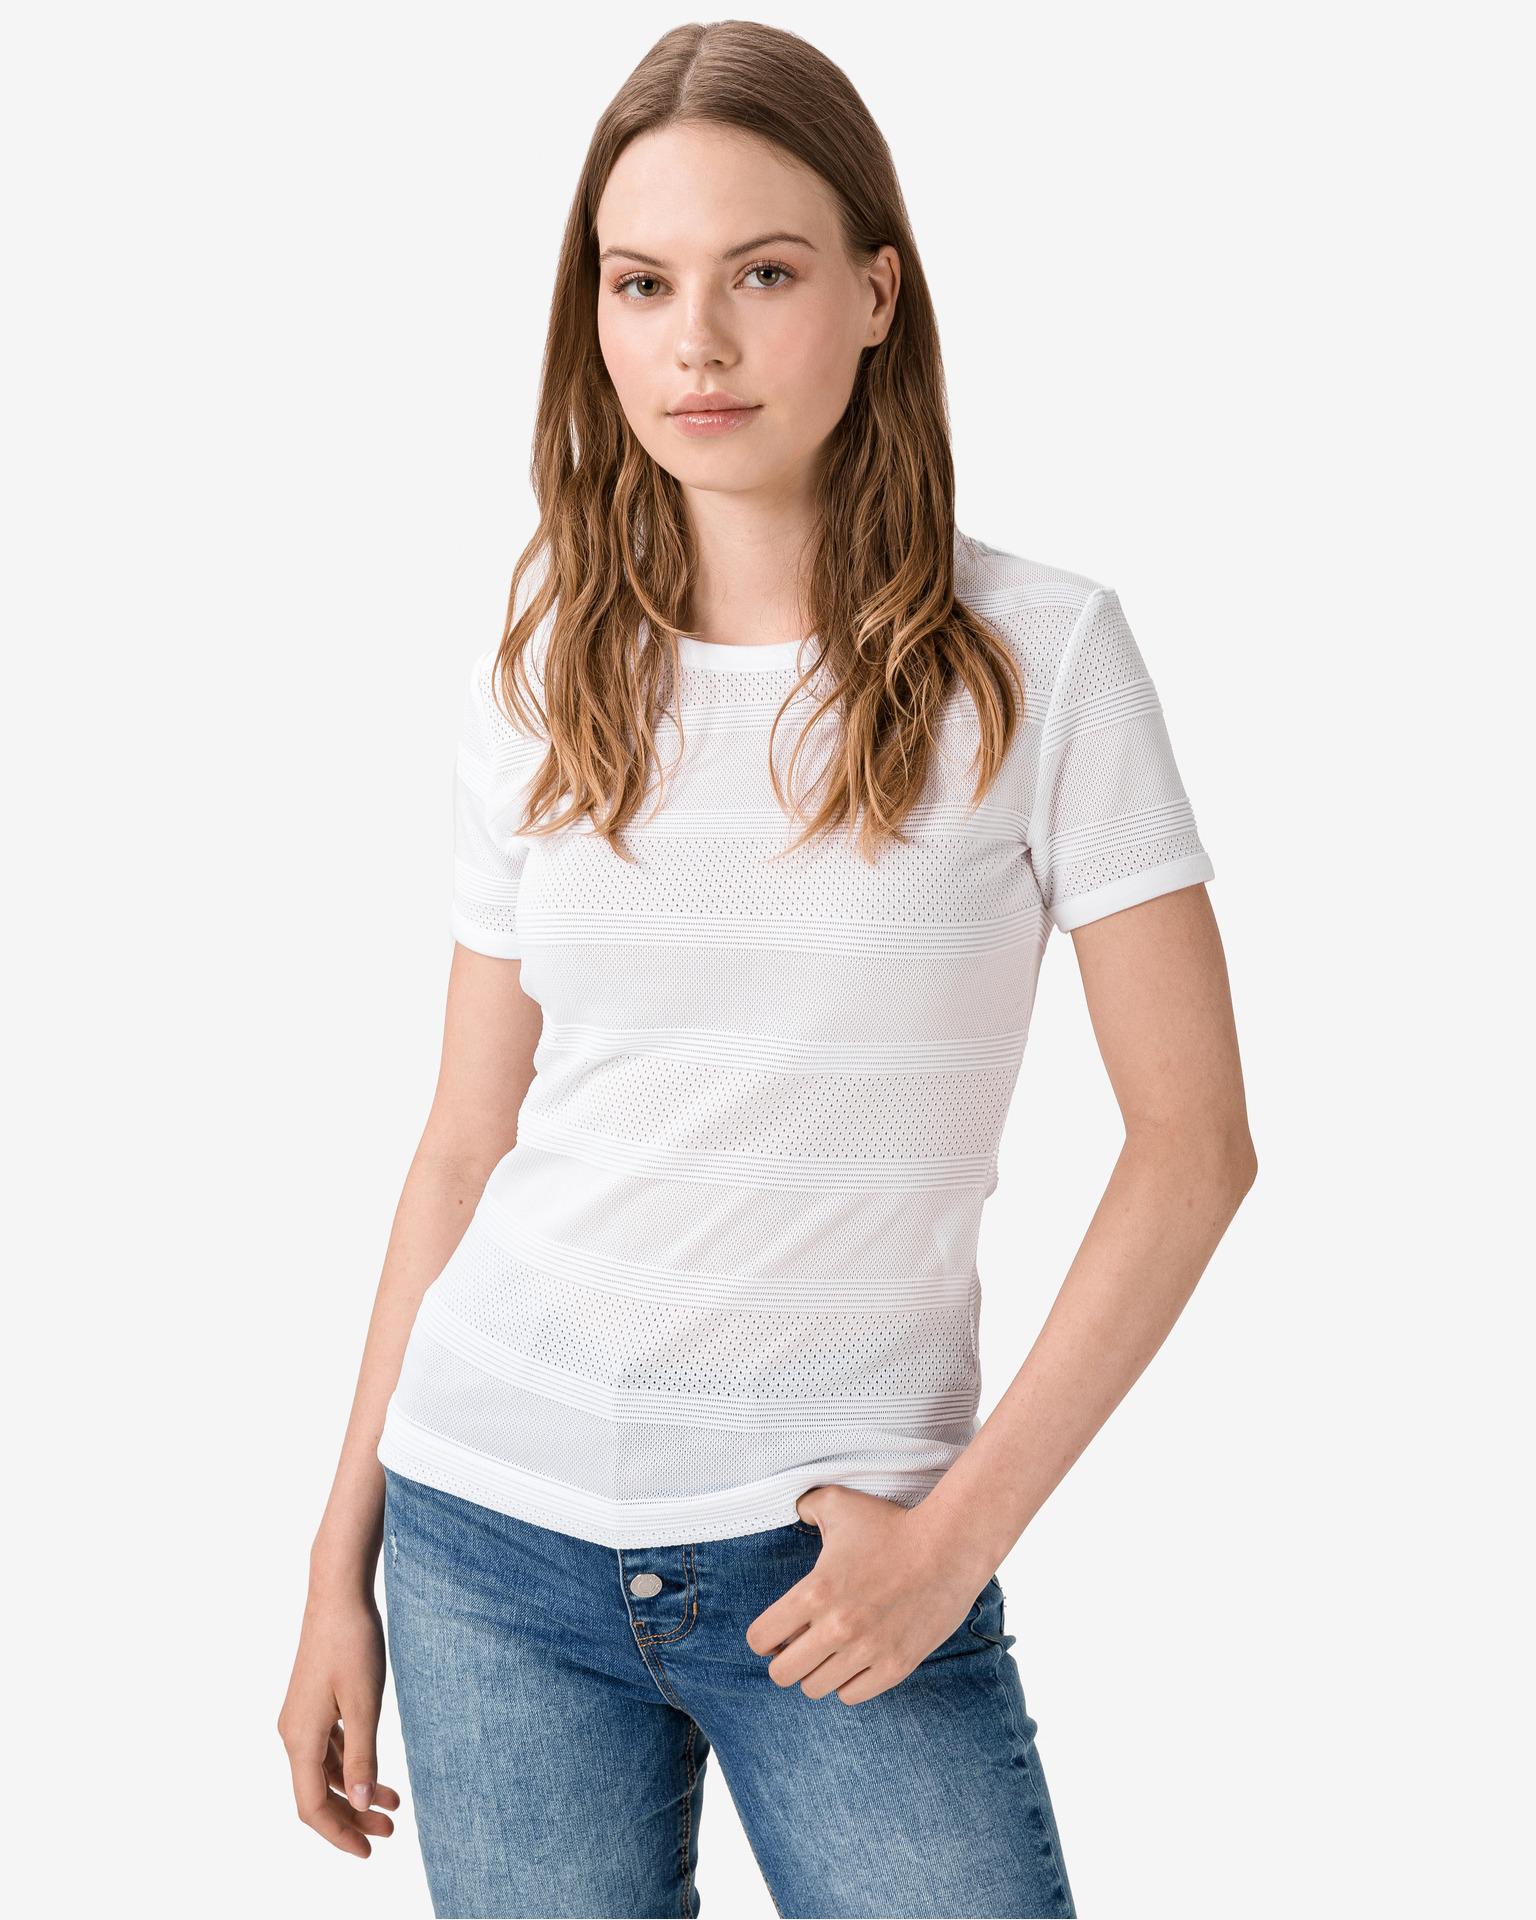 Guess Women's t-shirt white Top